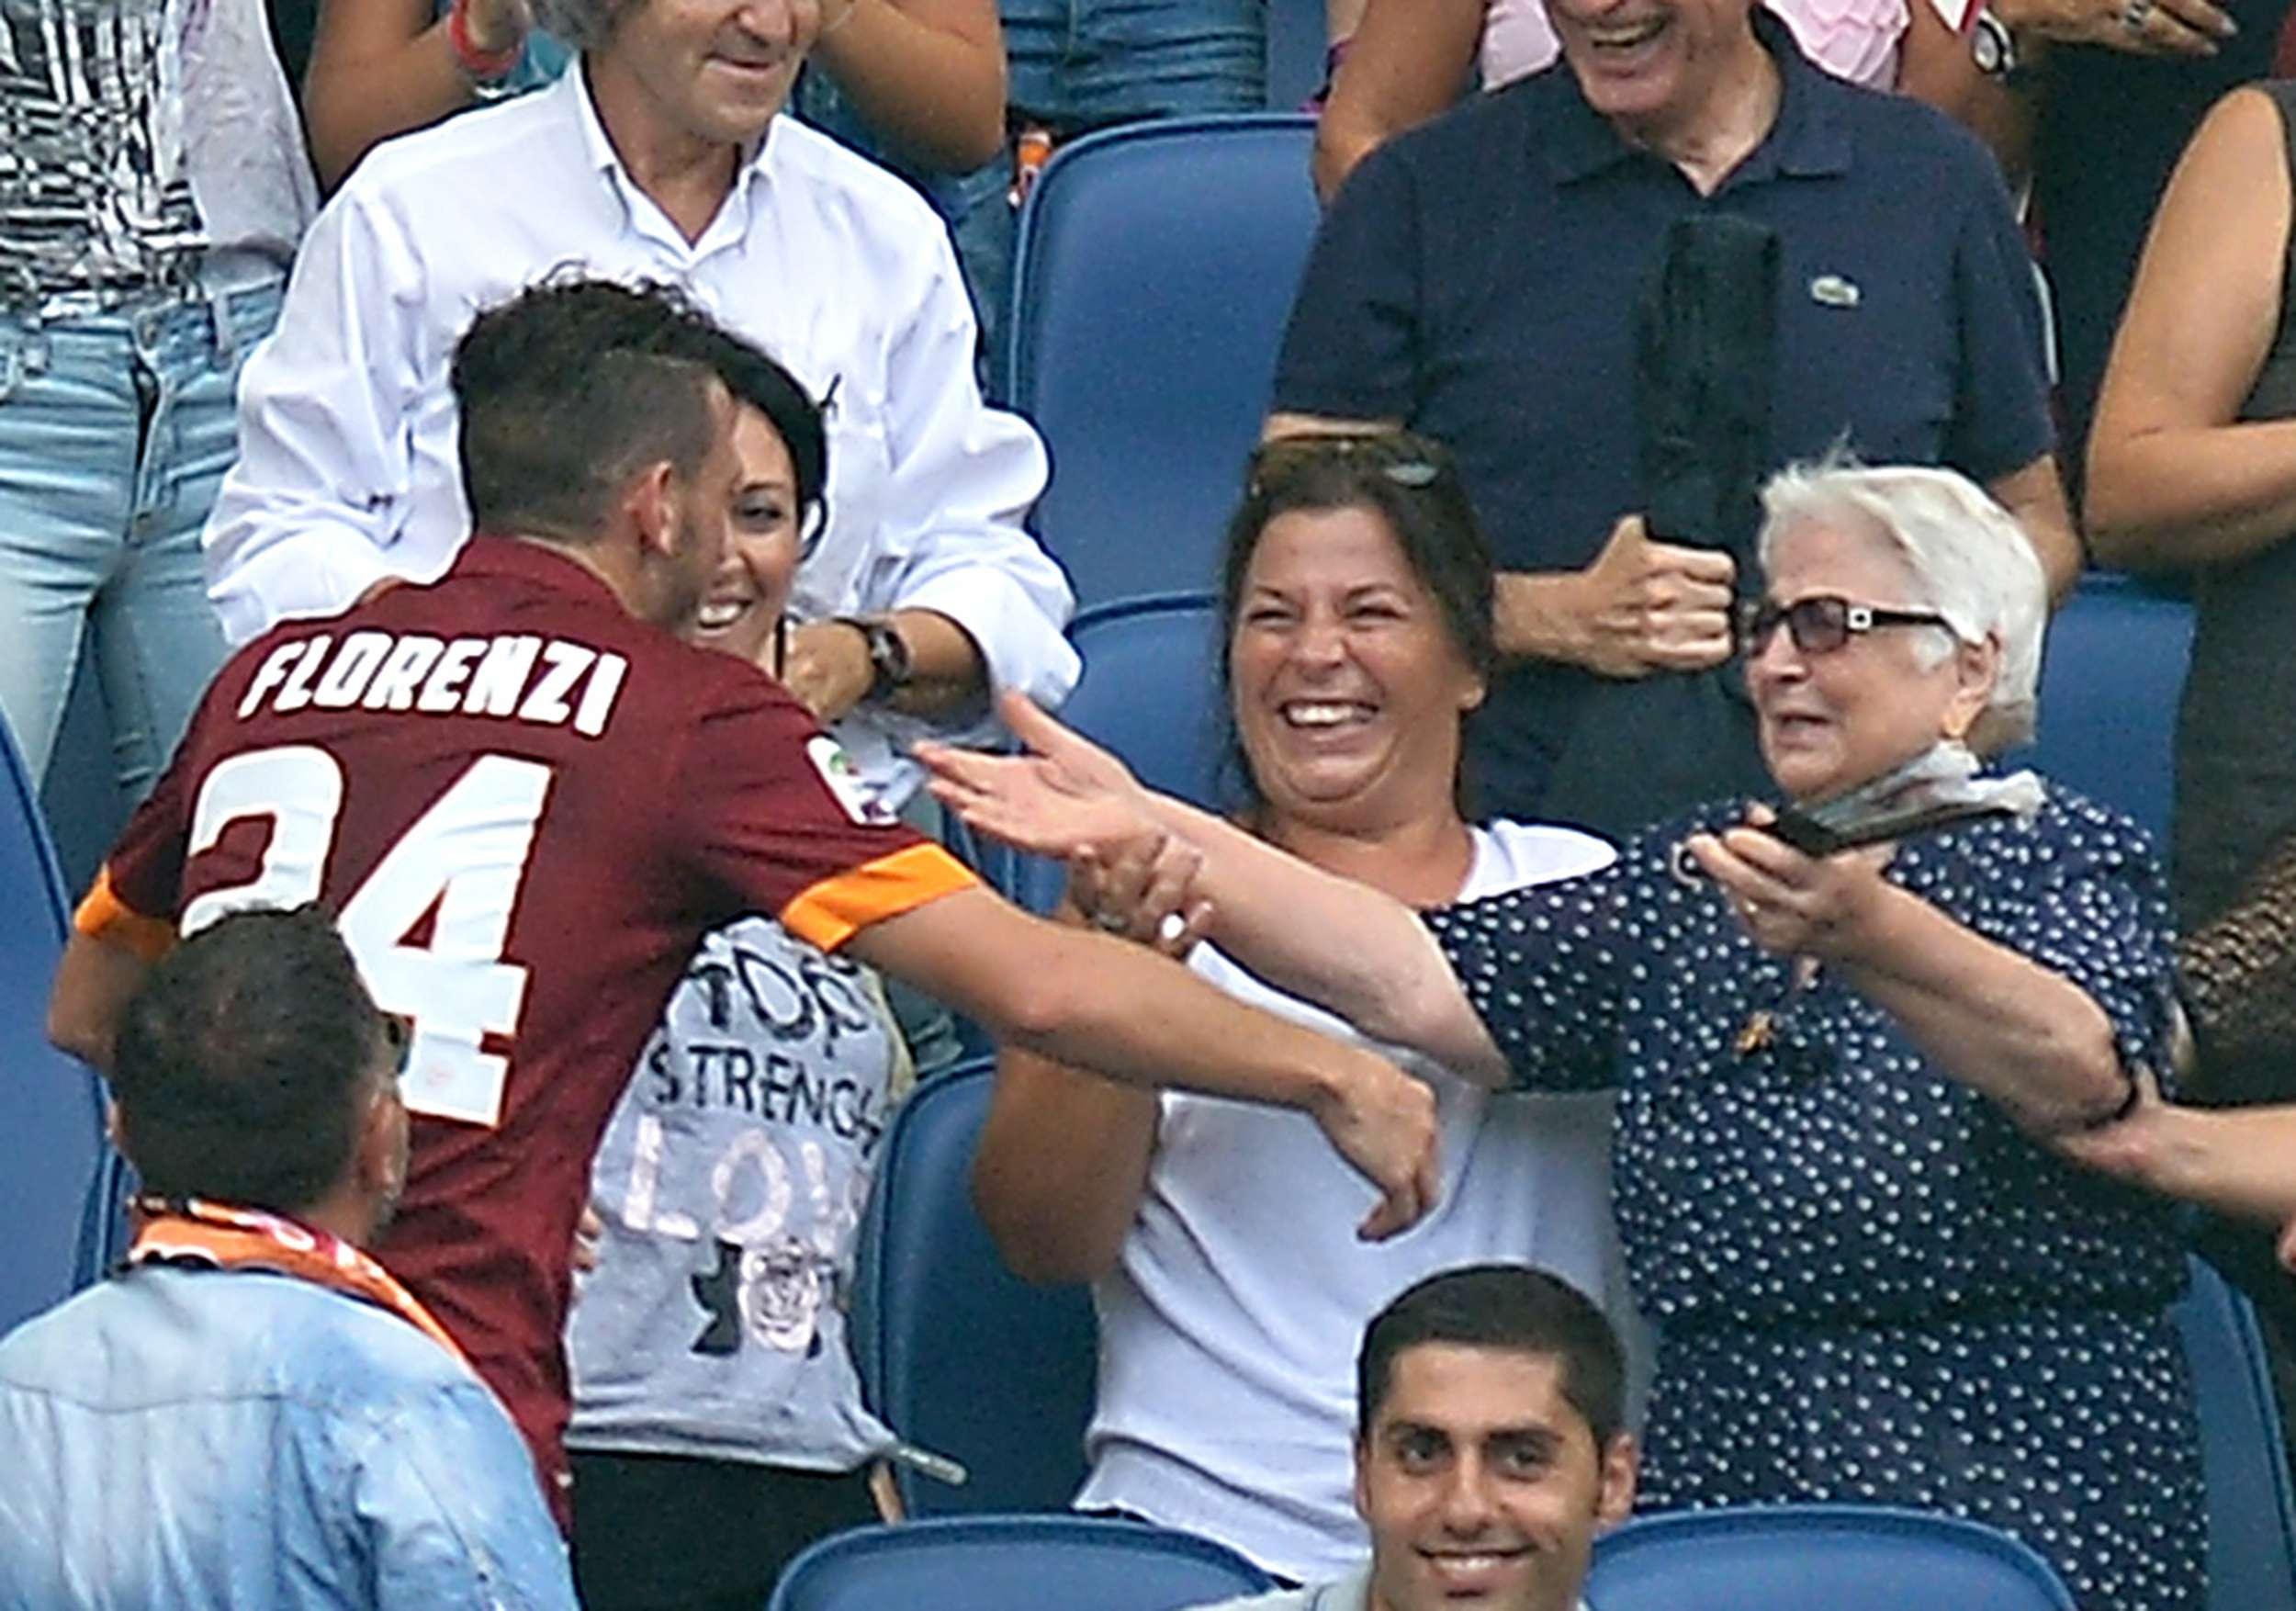 Alessandro Florenzi, quien consiguió el segundo gol de la Roma en el minuto 13, tuvo un particular festejo, ya que se brincó a las gradas y fue a abrazar a su abuela, a quien le dedicó el gol. Foto: AFP